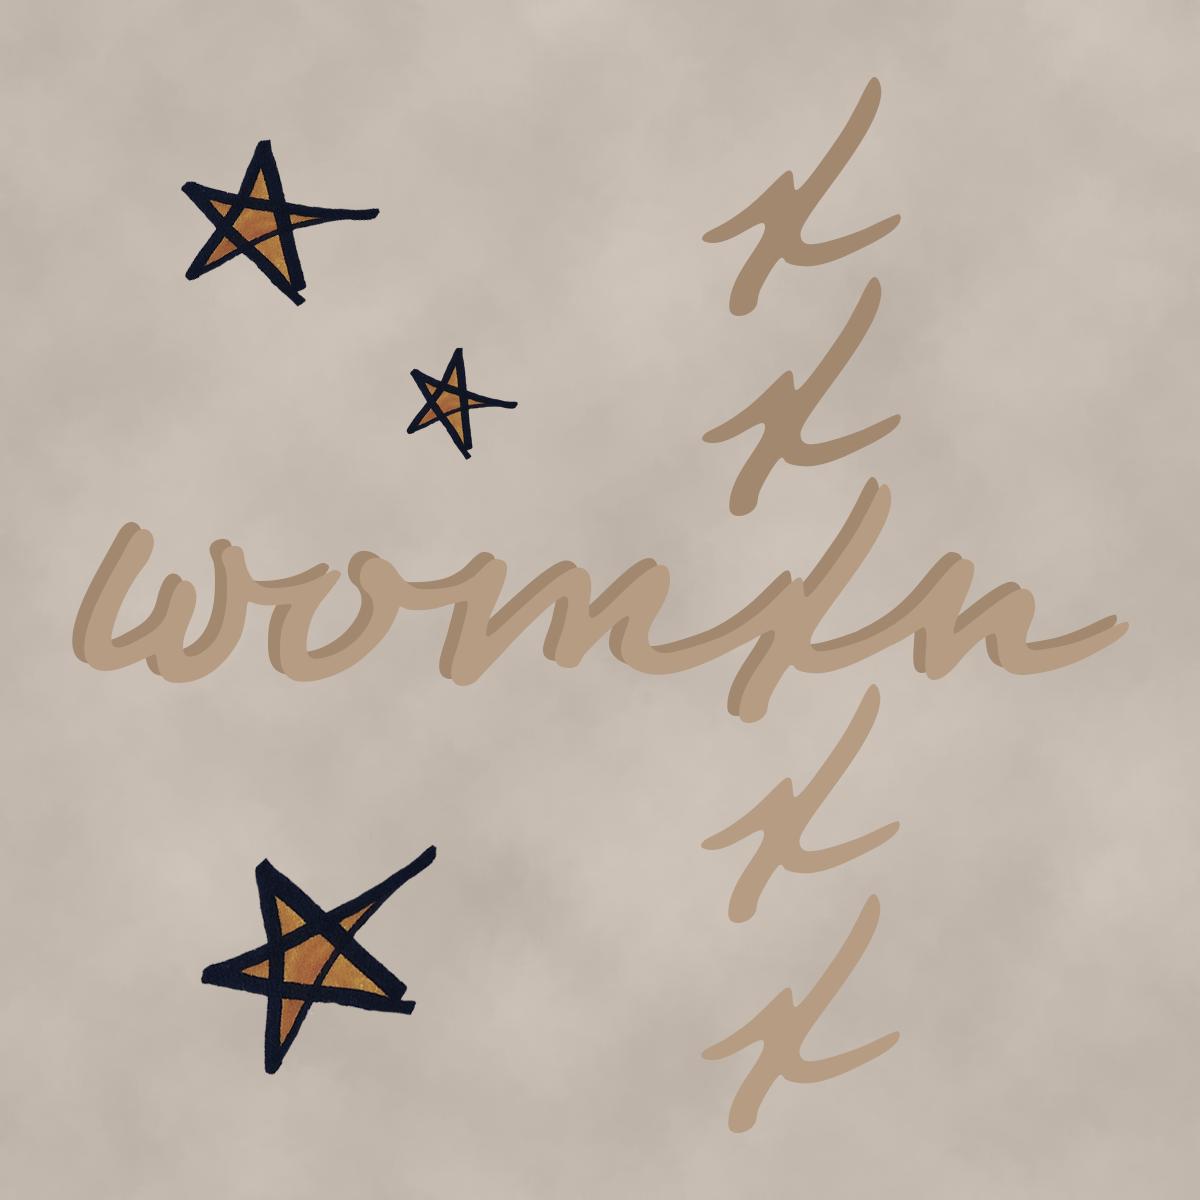 Allie-DeVlaeminck-Womxn.png